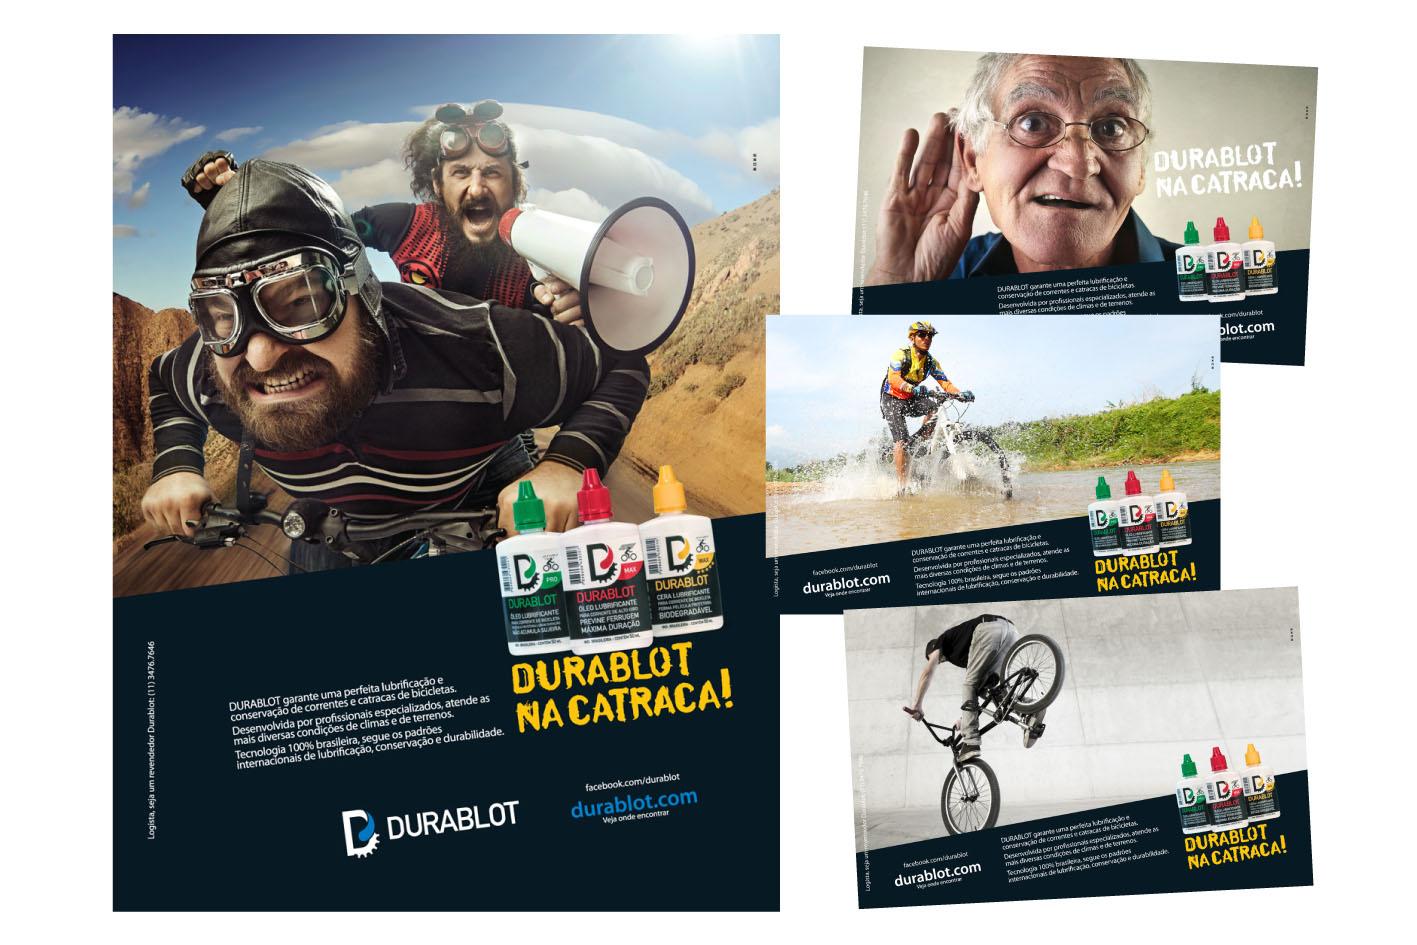 Campanha de produto - Durablot